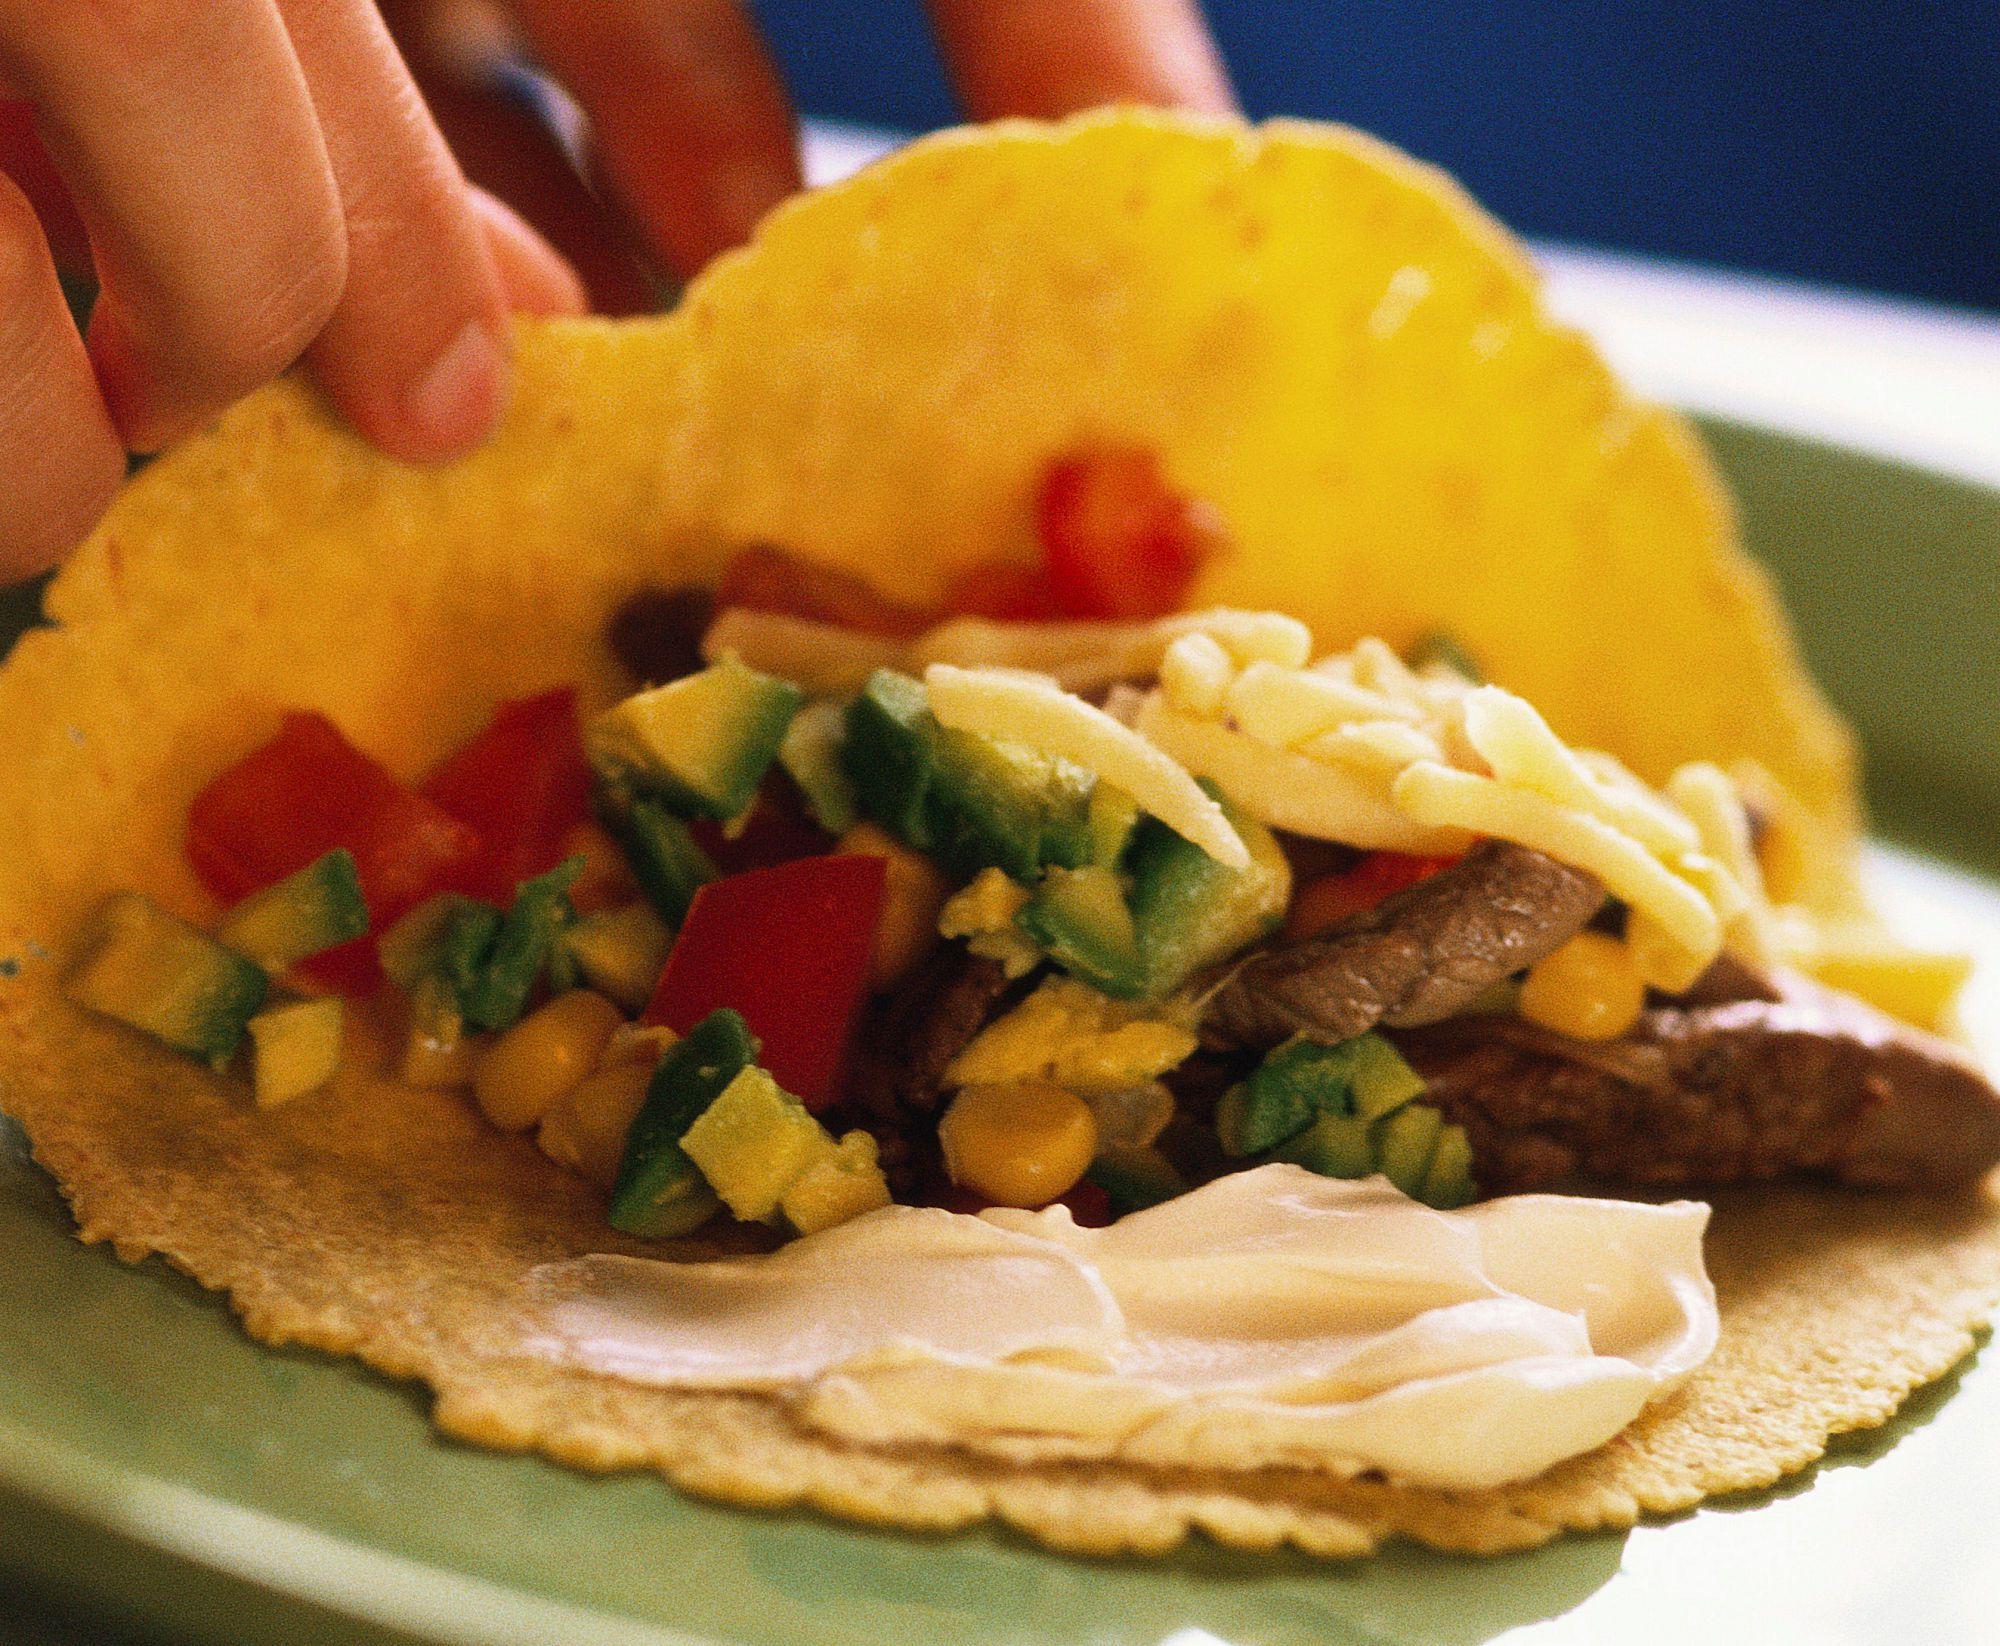 Homemade Corn Tortillas Without a Tortilla Press